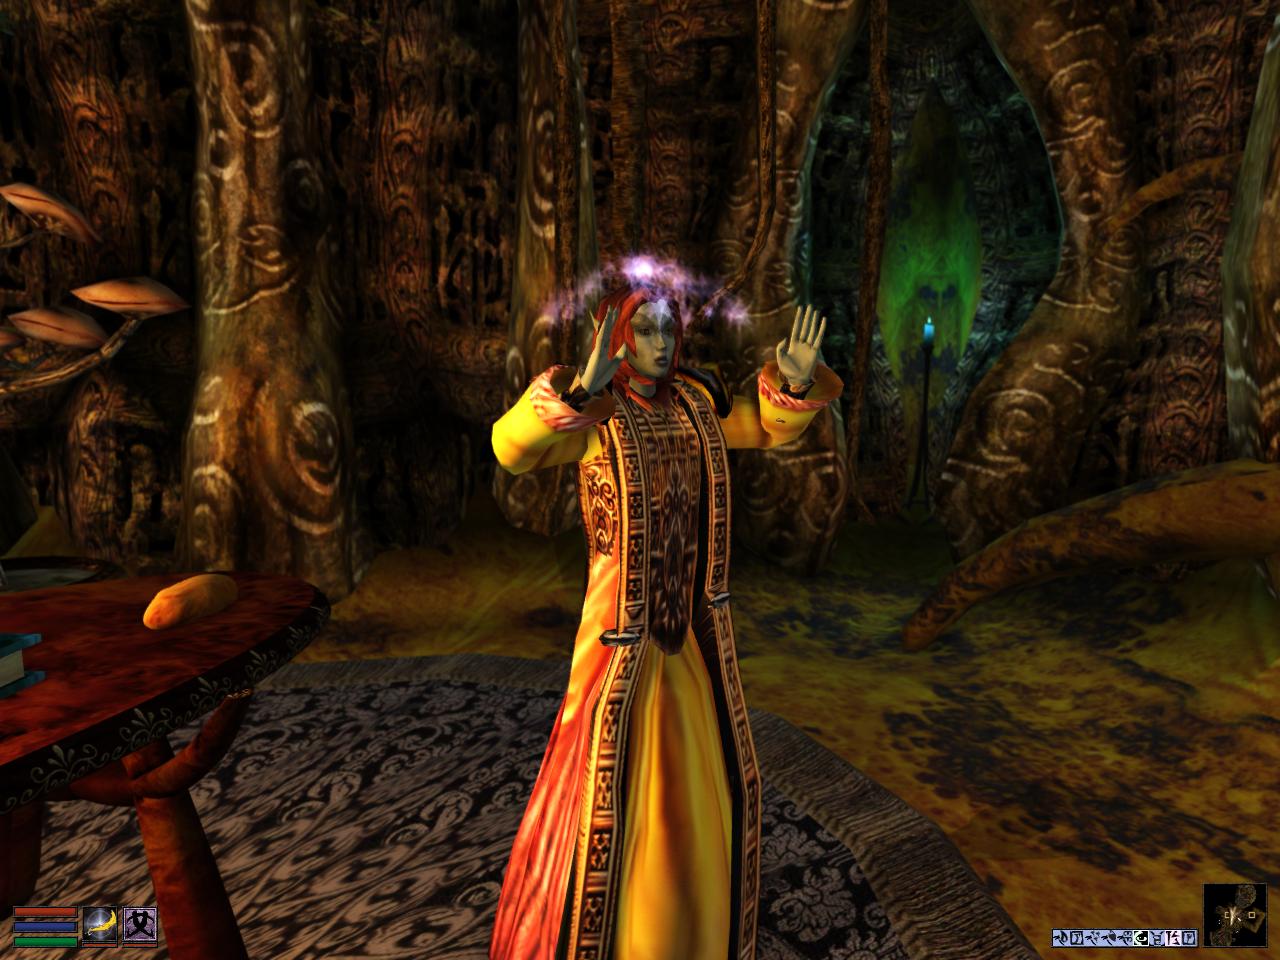 Немного магии) - Elder Scrolls 3: Morrowind, the